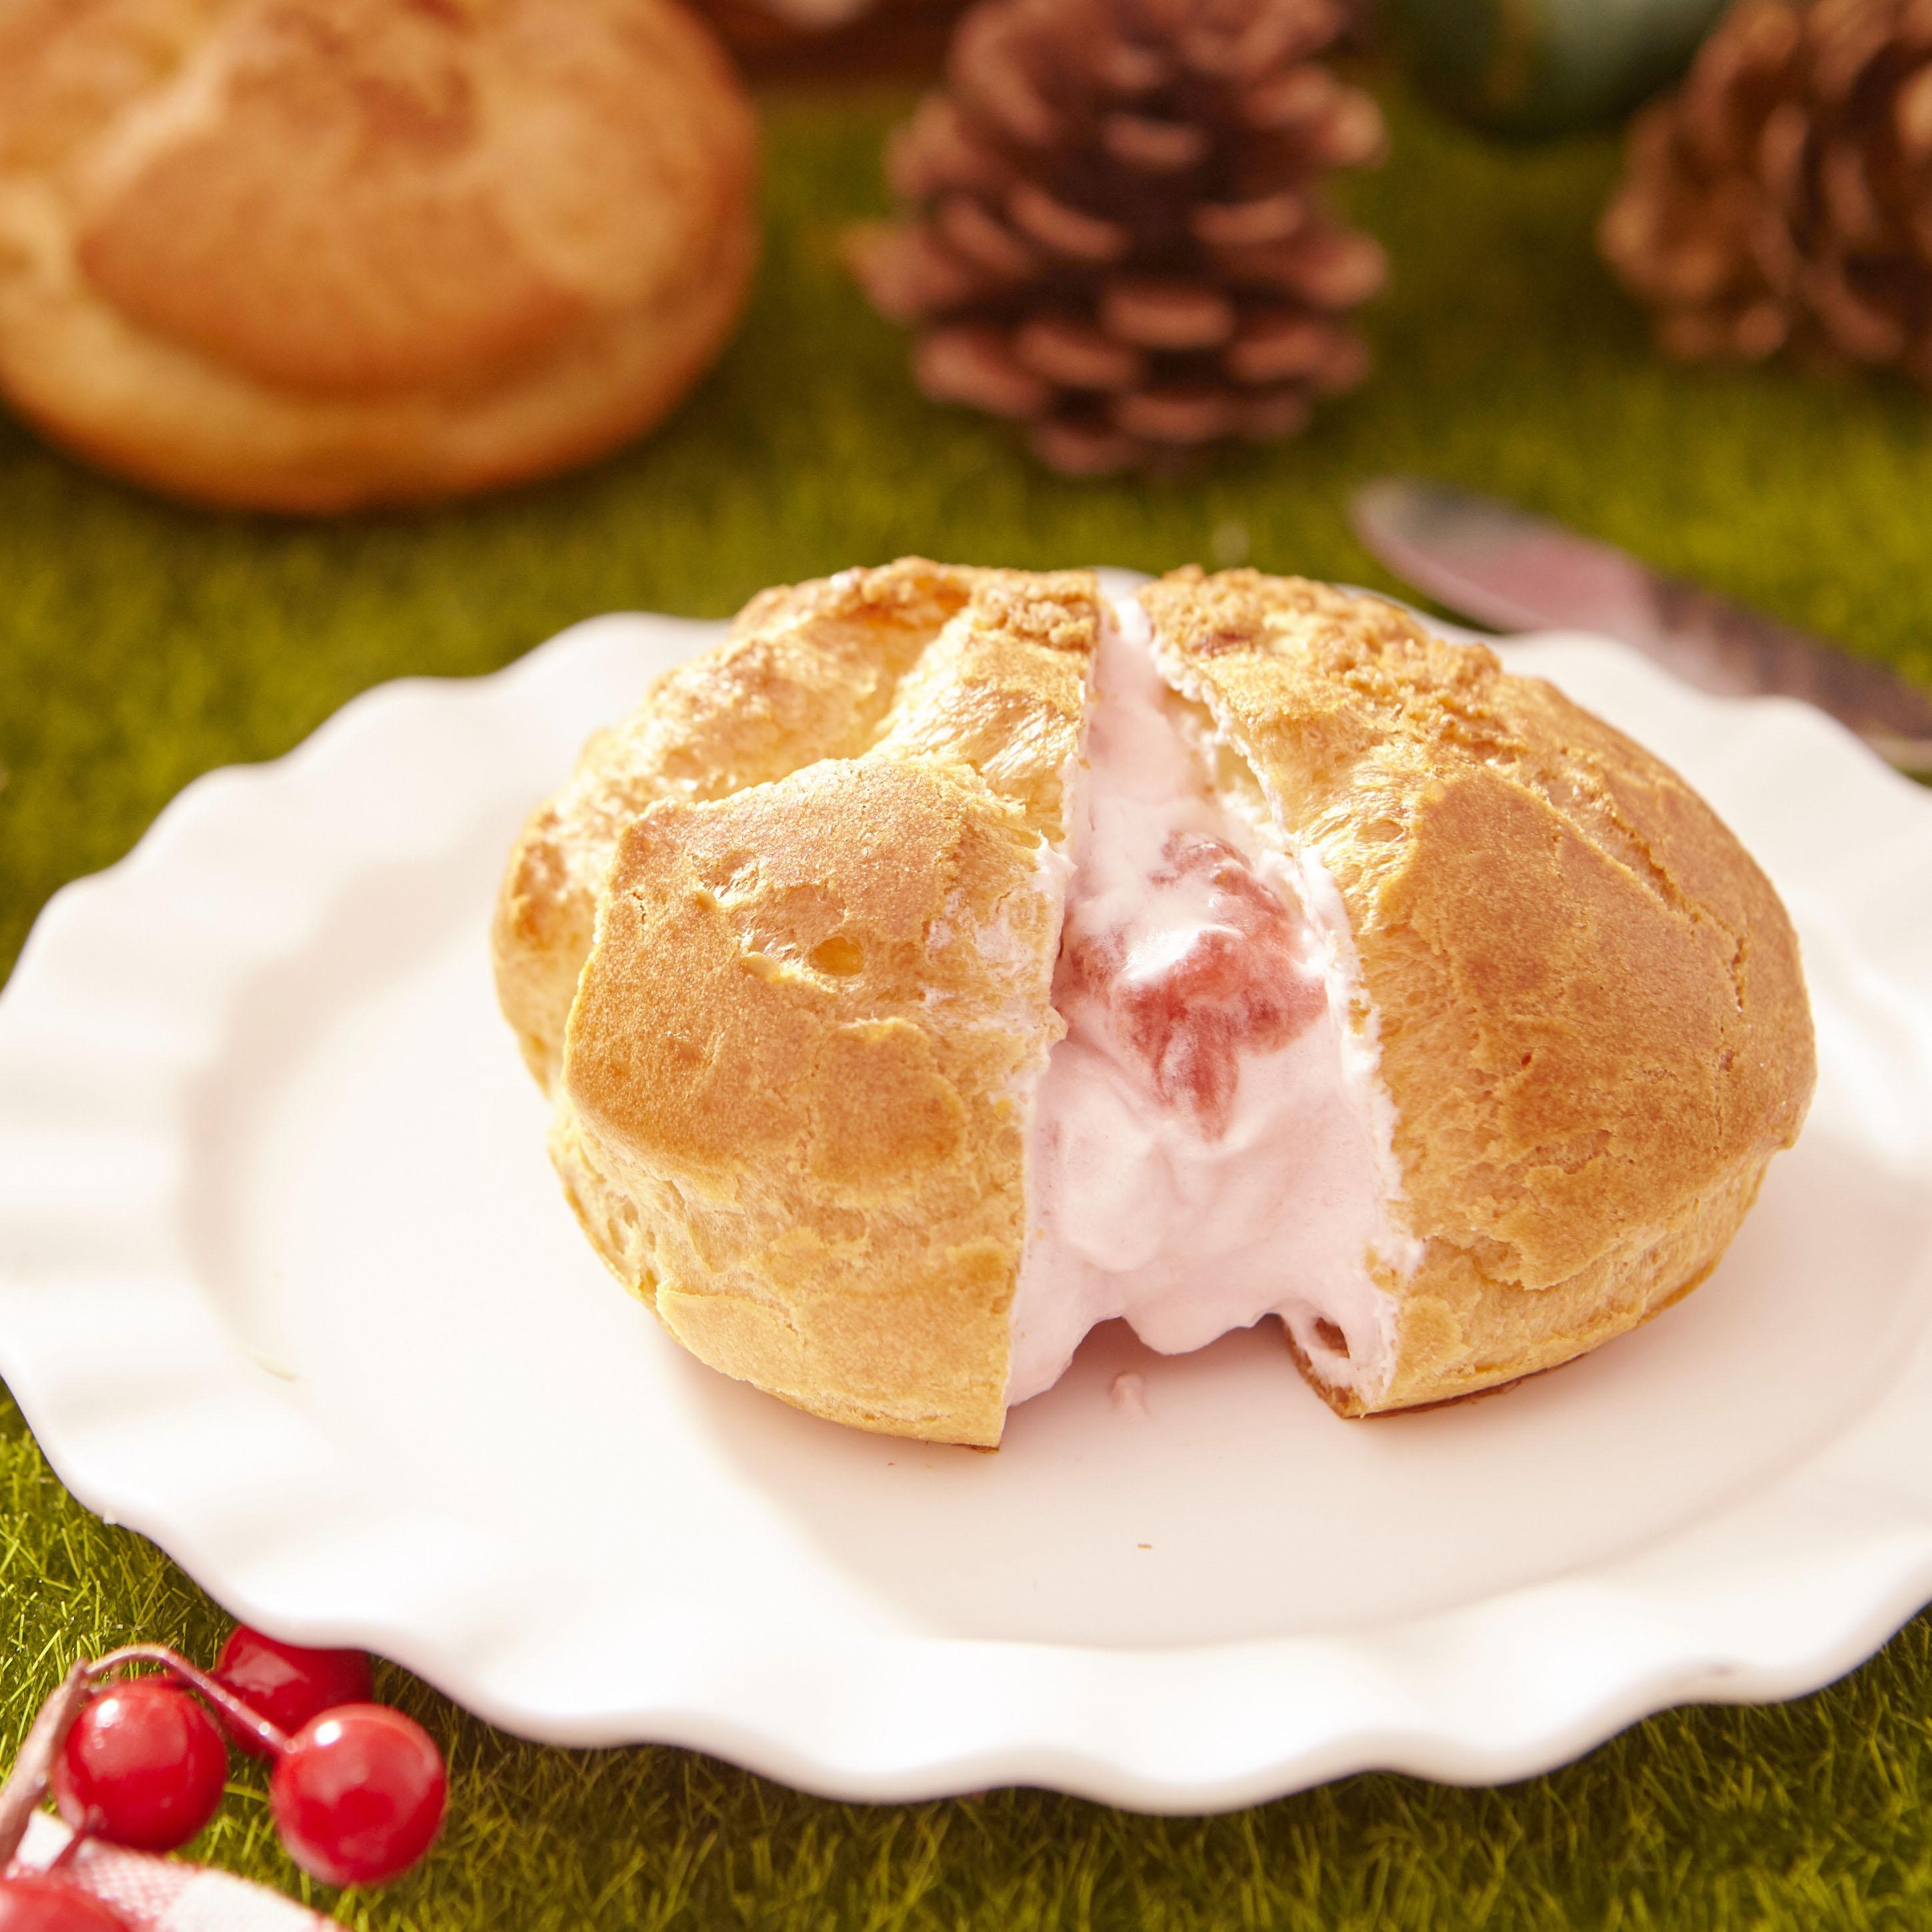 【銷售萬顆】人氣菠蘿泡芙6入禮盒-草莓口味